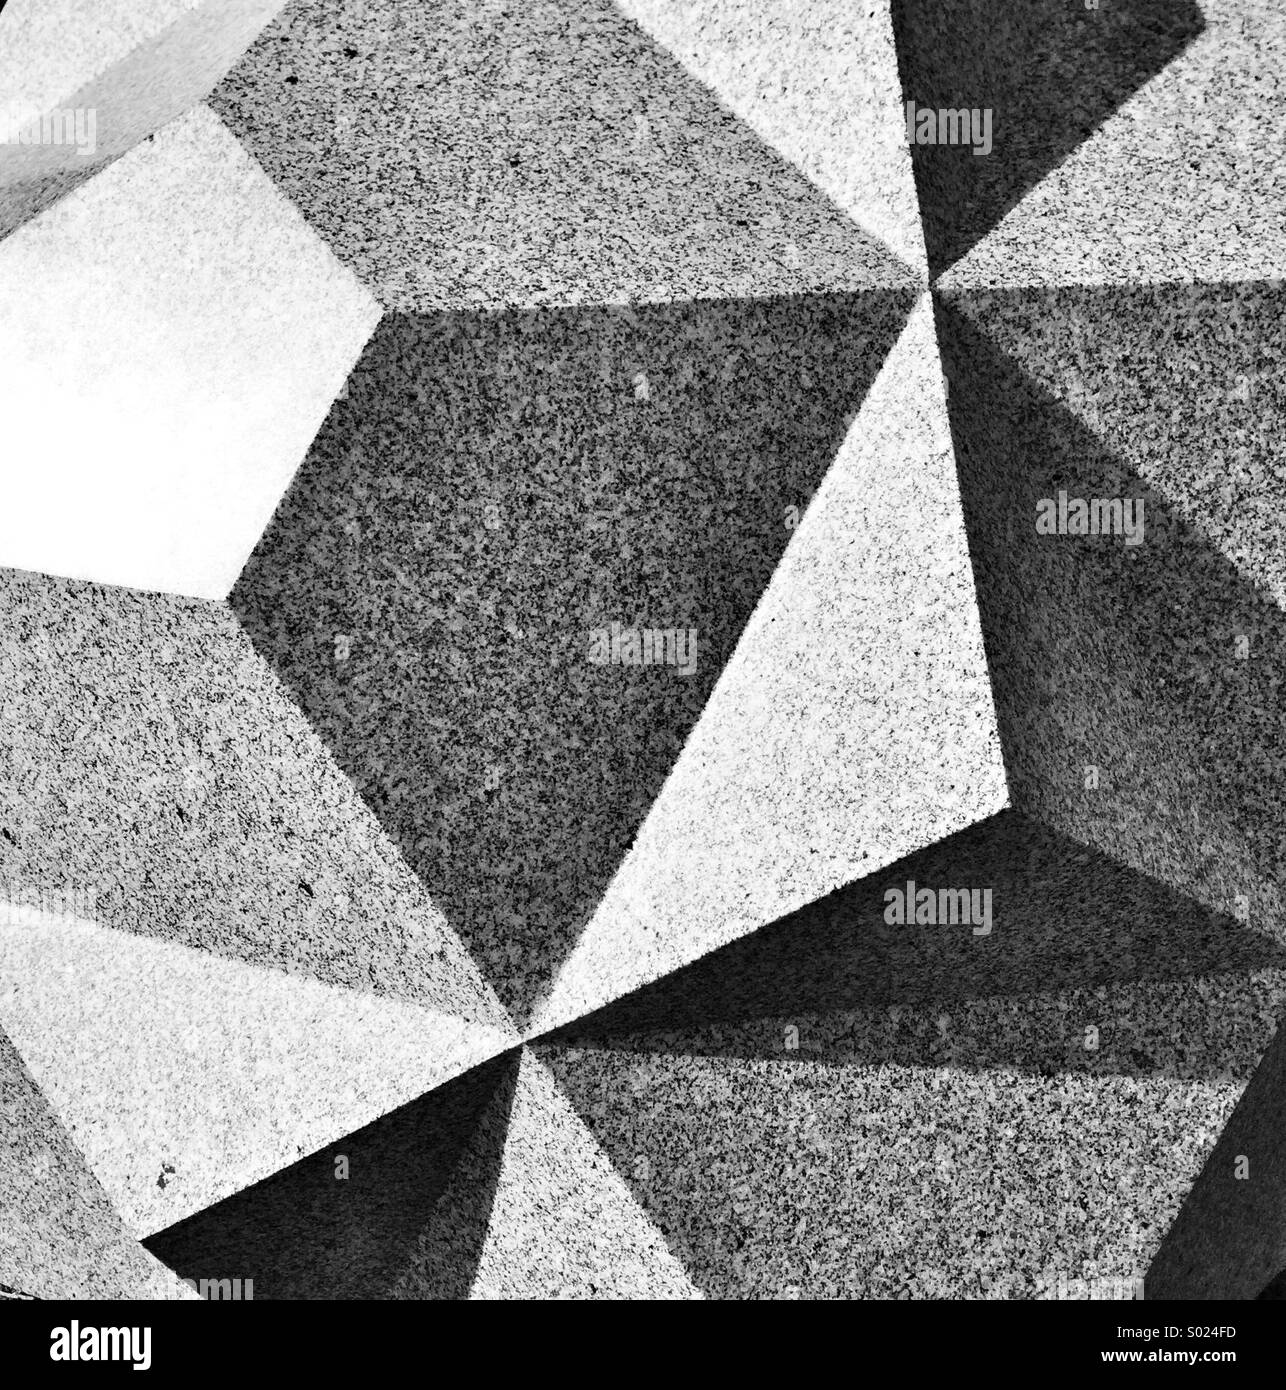 Image abstraite de facettes sculptées sur bloc de granit Photo Stock